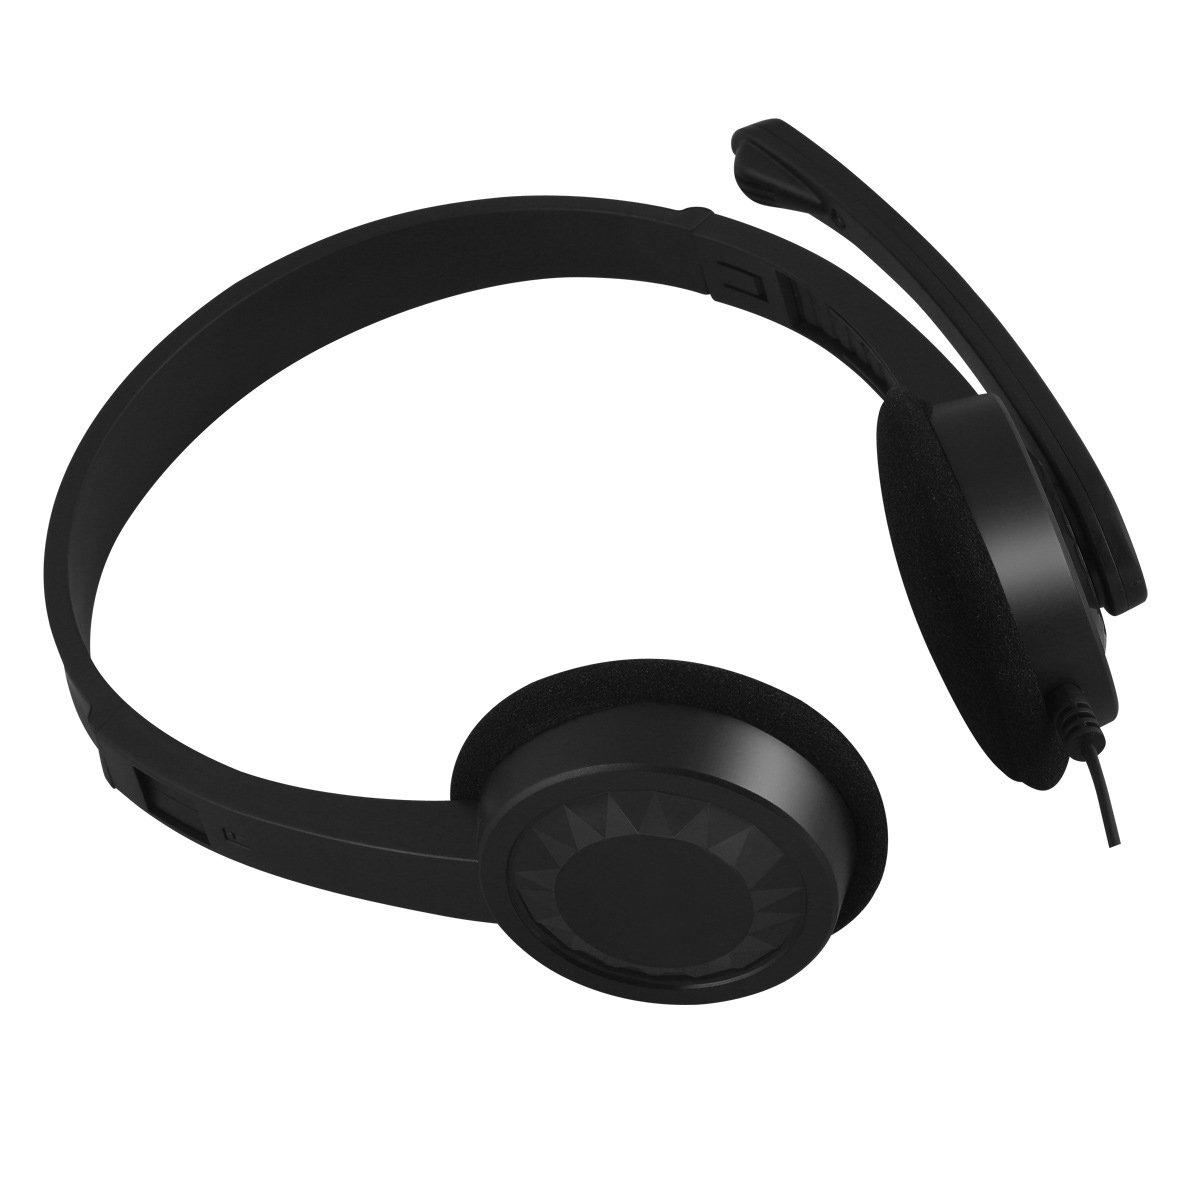 fone de ouvido com microfone ph 02bk preto c3 plus 51113 2000 203321